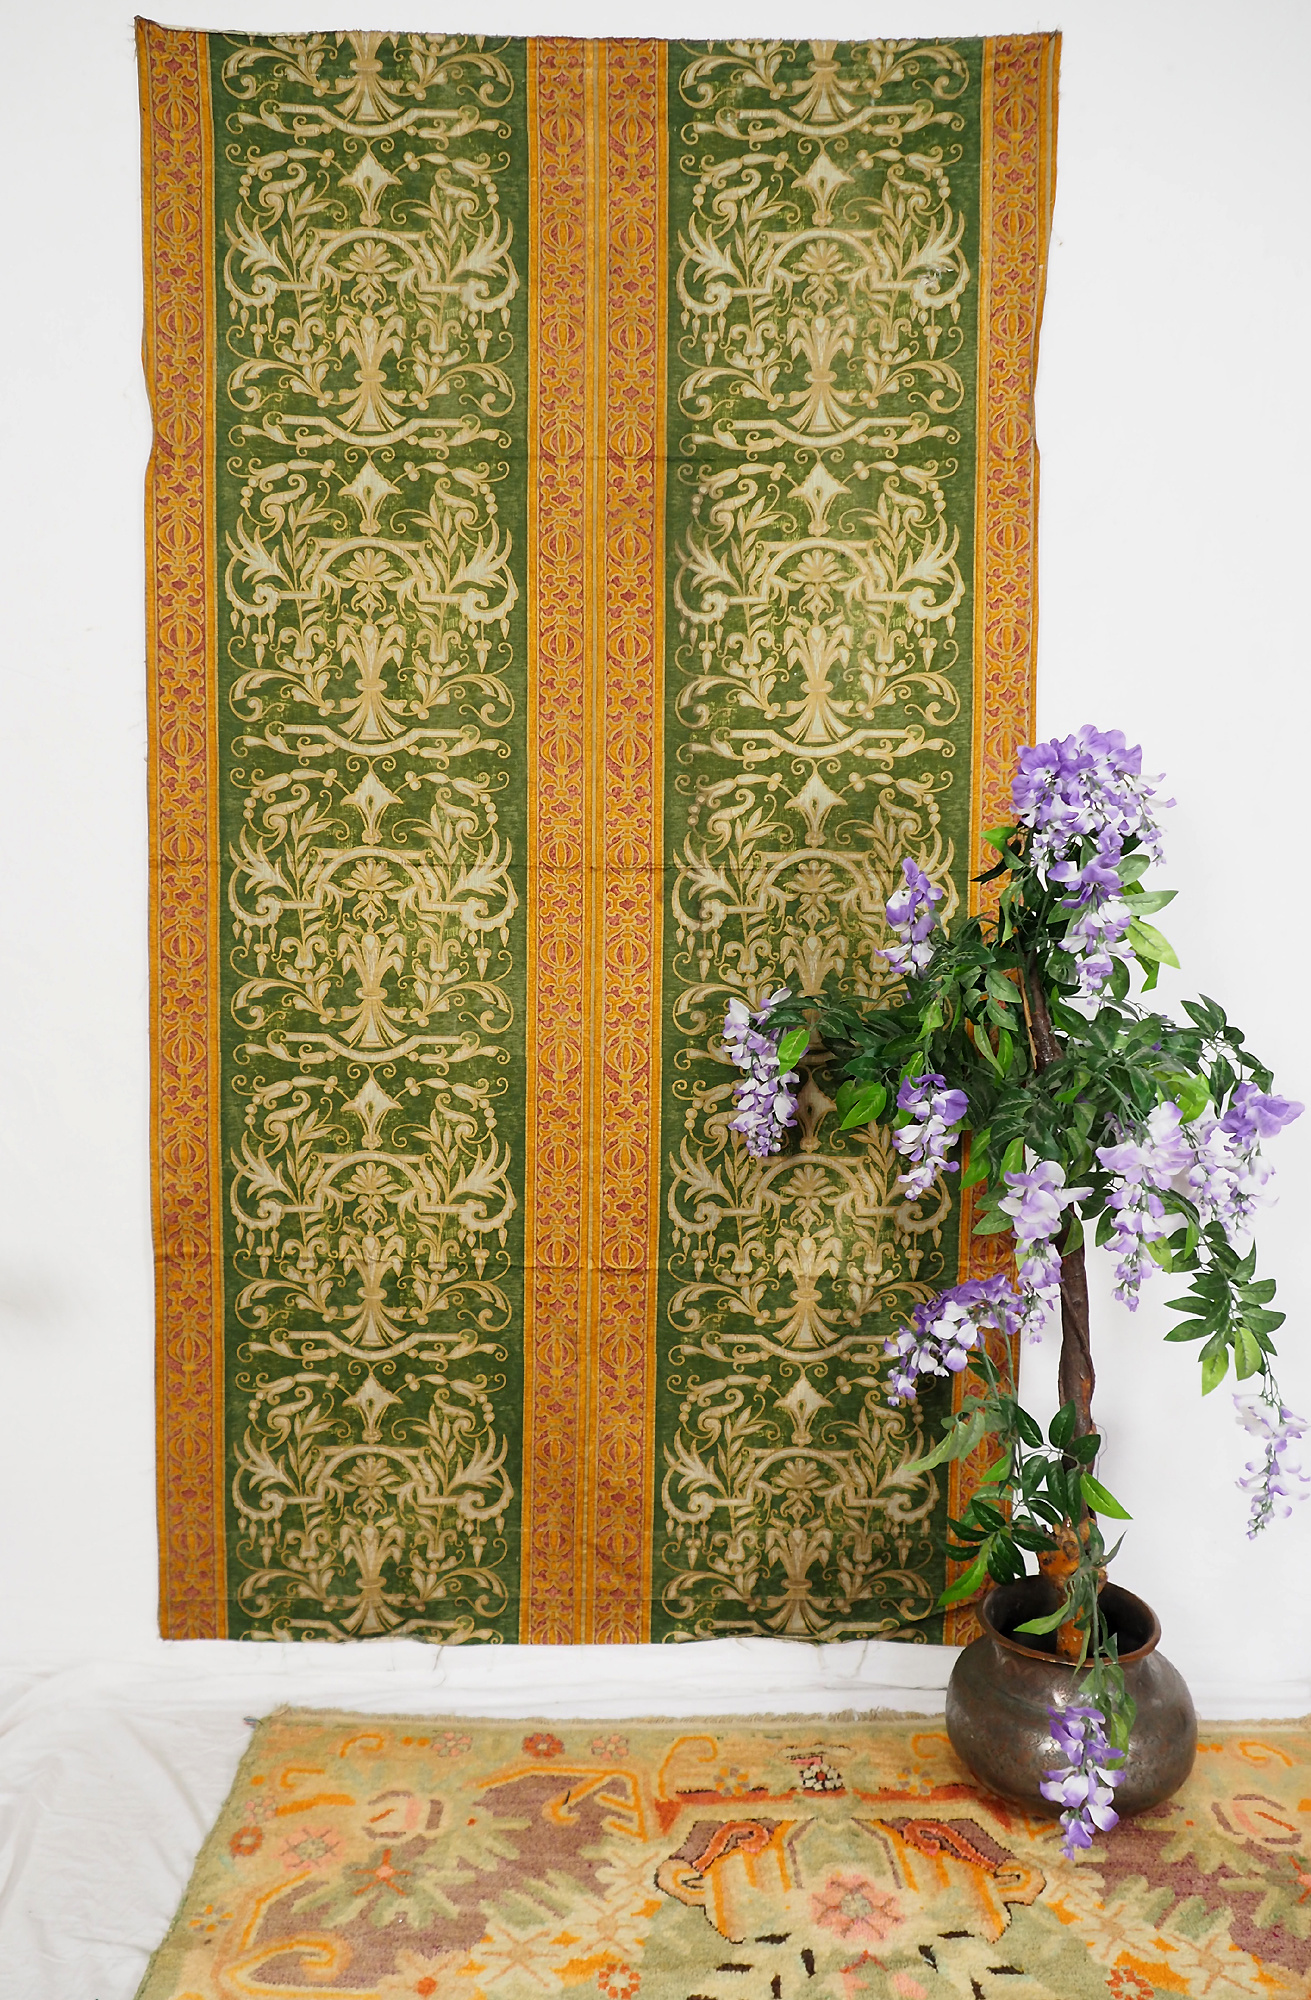 210x115 cmVintage Antique Biedermeier Velvet Stripe Fabric Russia Jacquard Velvet Antique Damask